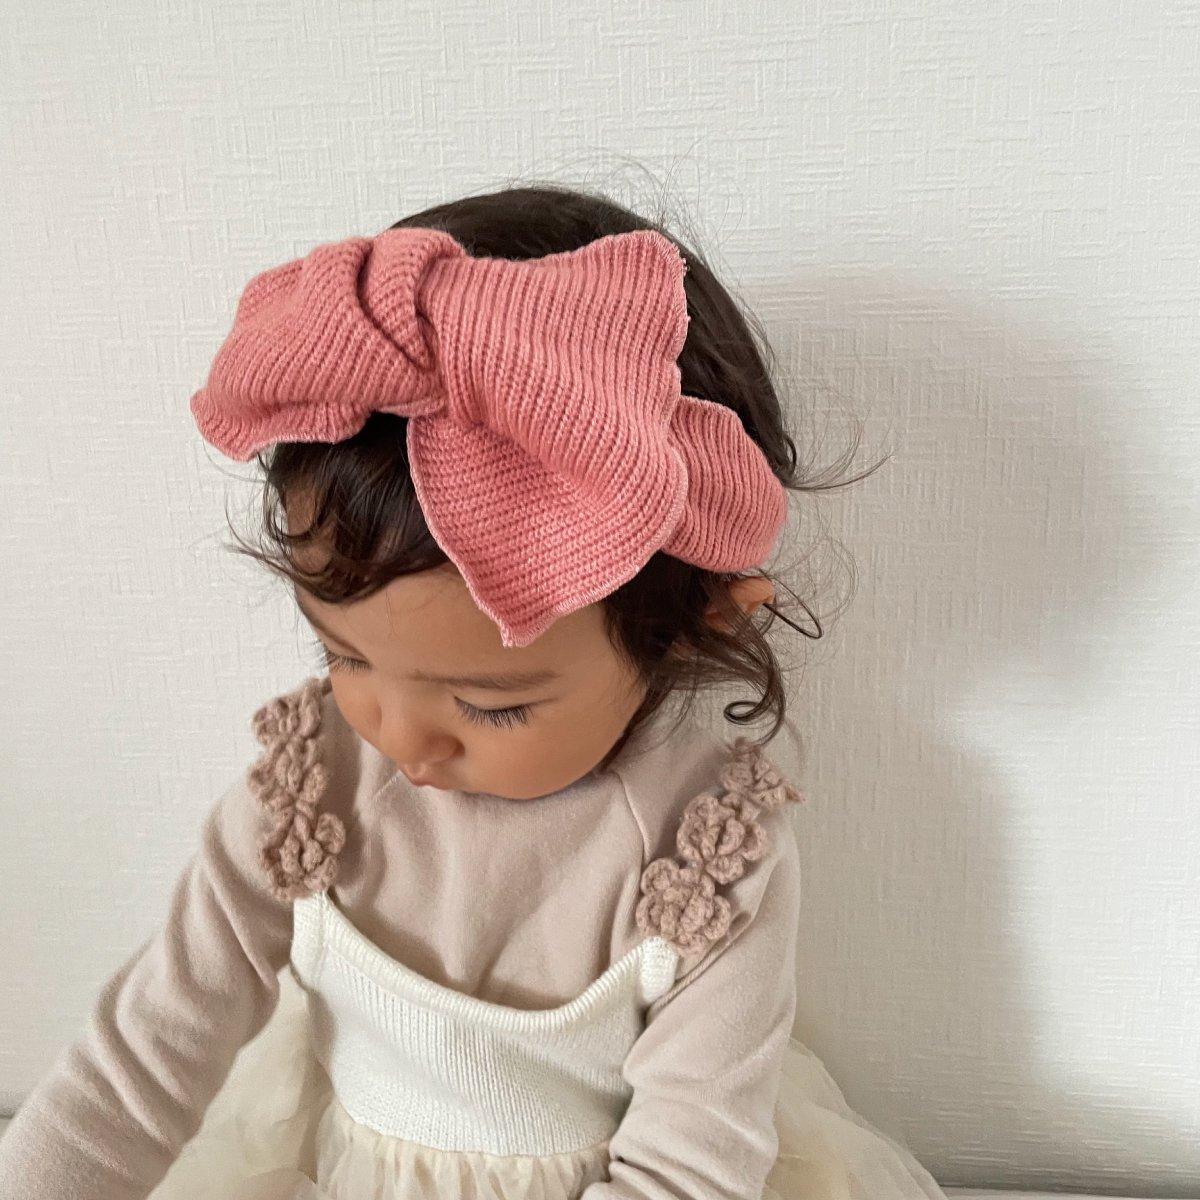 【BABY】Baby Knit Turban 詳細画像13